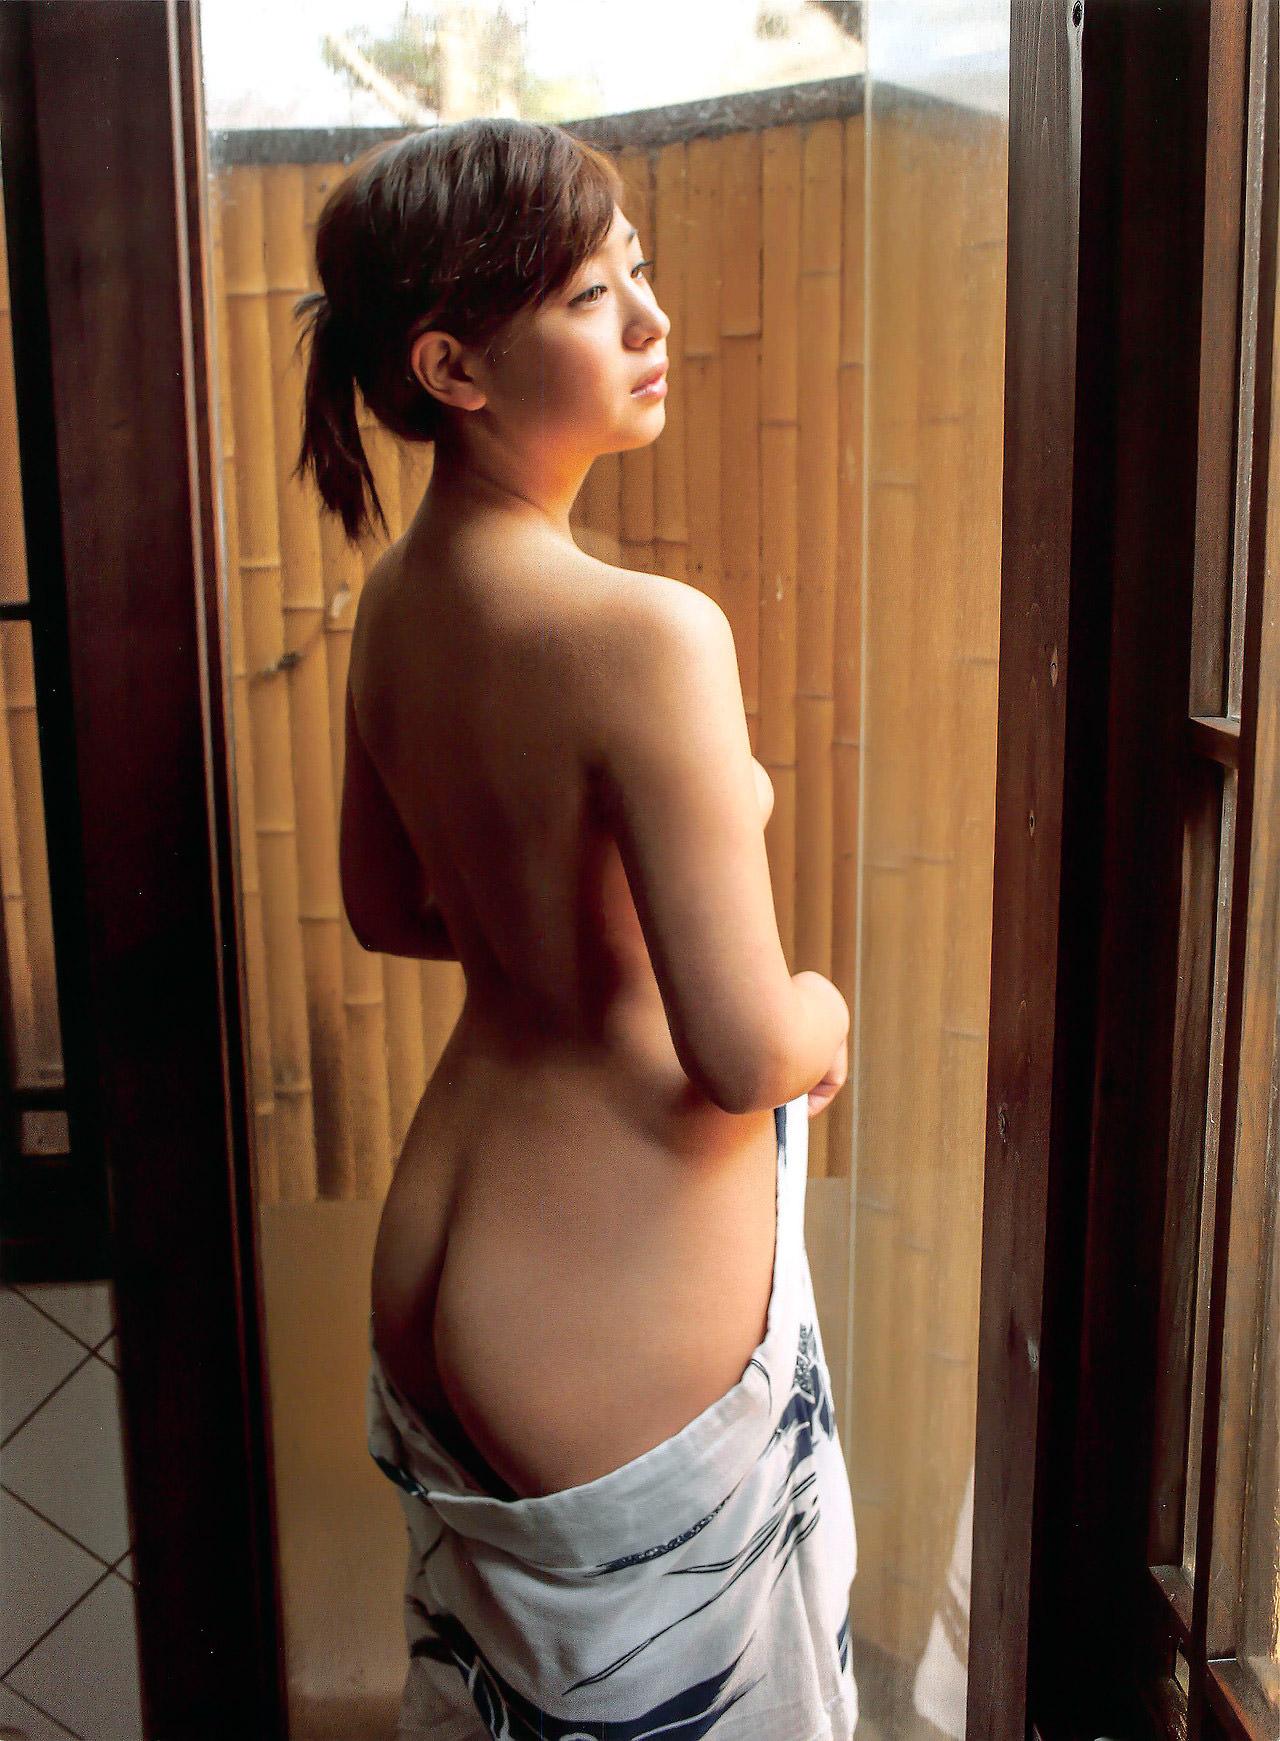 芸能人ヌード 生尻エロ画像32枚!お尻ヌードってことは撮影現場ではオマンコ見えてるってことだよな?www・9枚目の画像